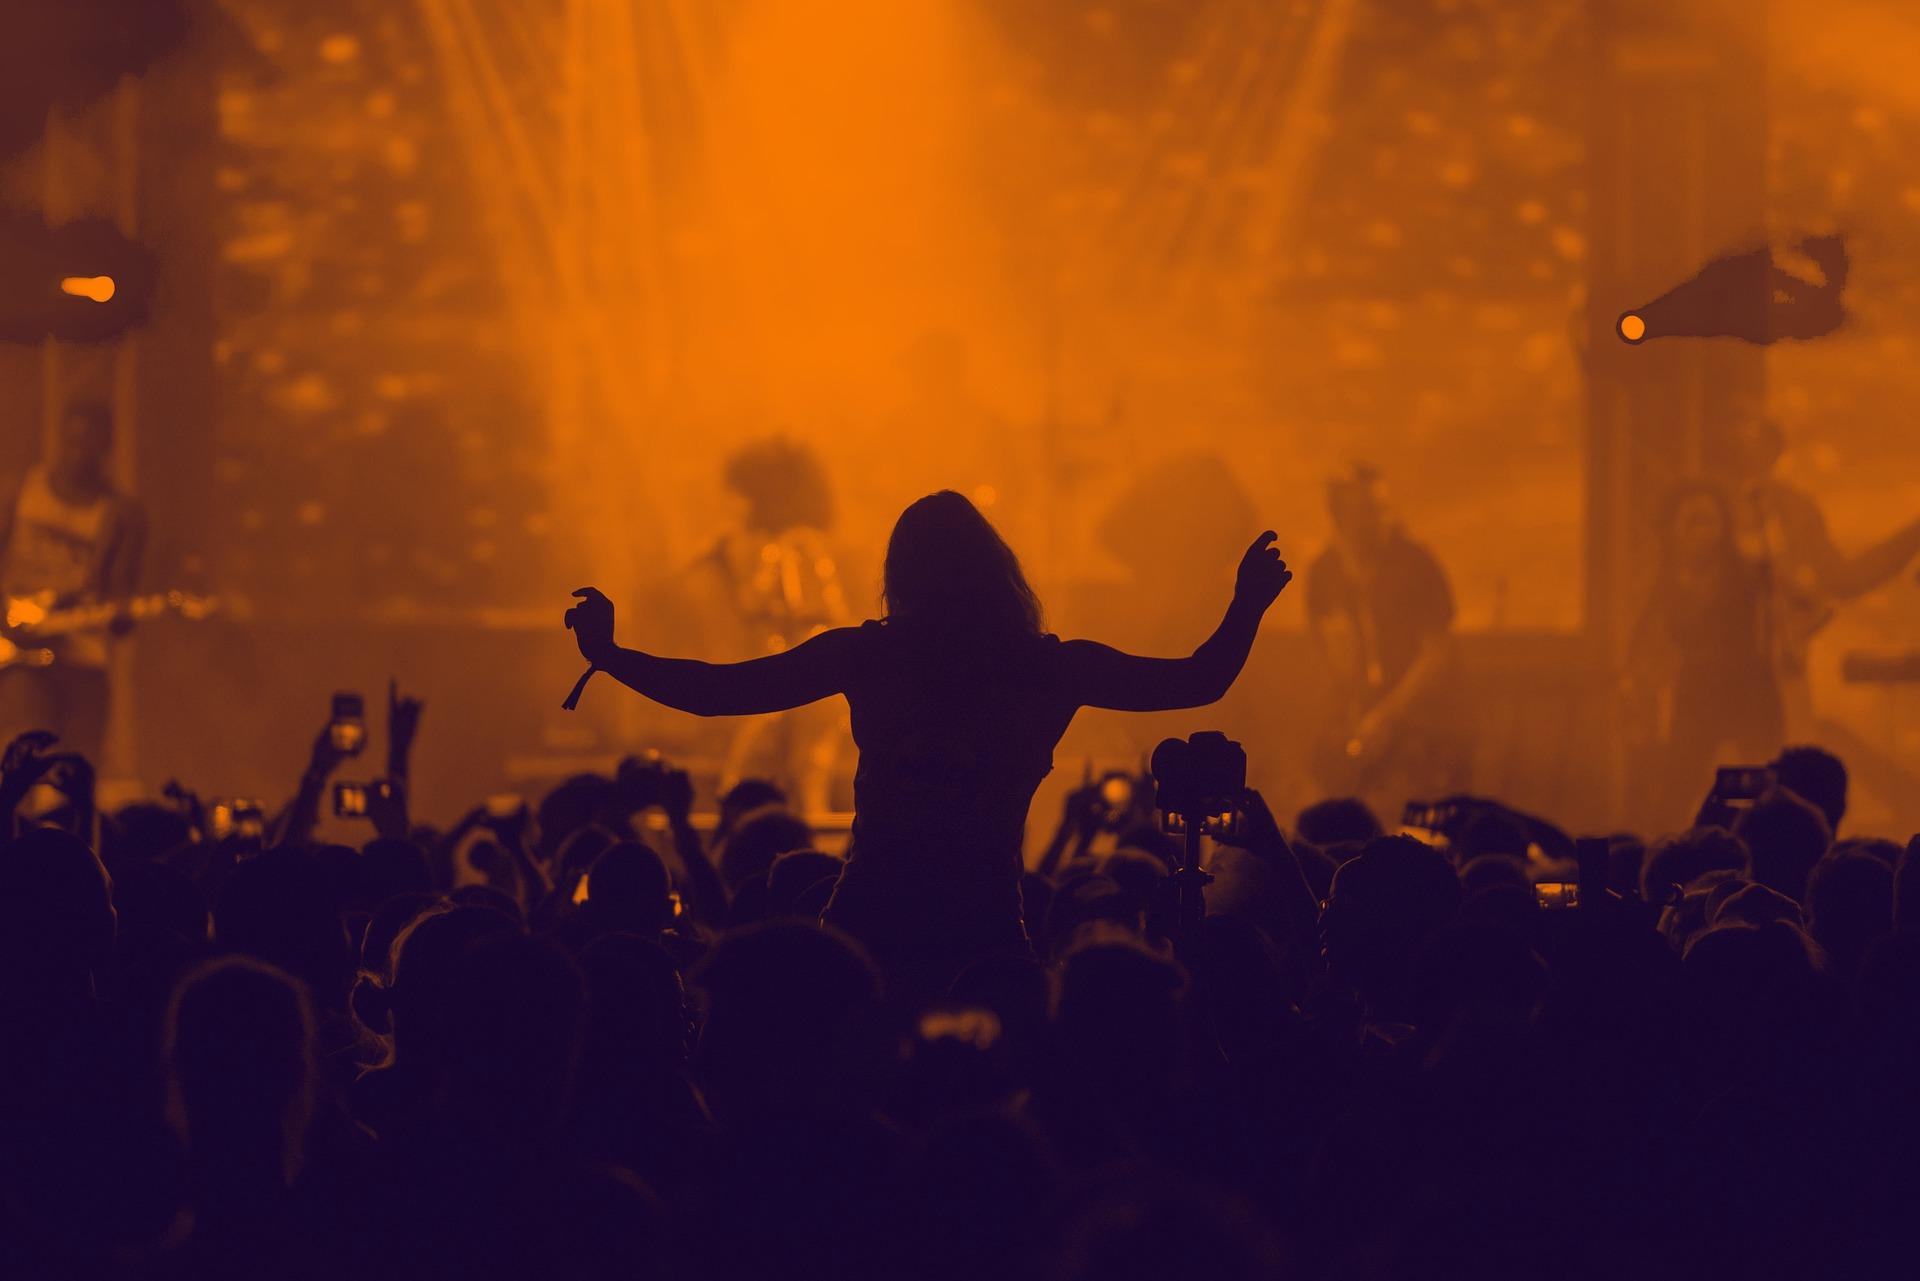 Fall Out Boy(フォール・アウト・ボーイ)抜群のボーカル力とバンドミュージックを聴かせてくれる